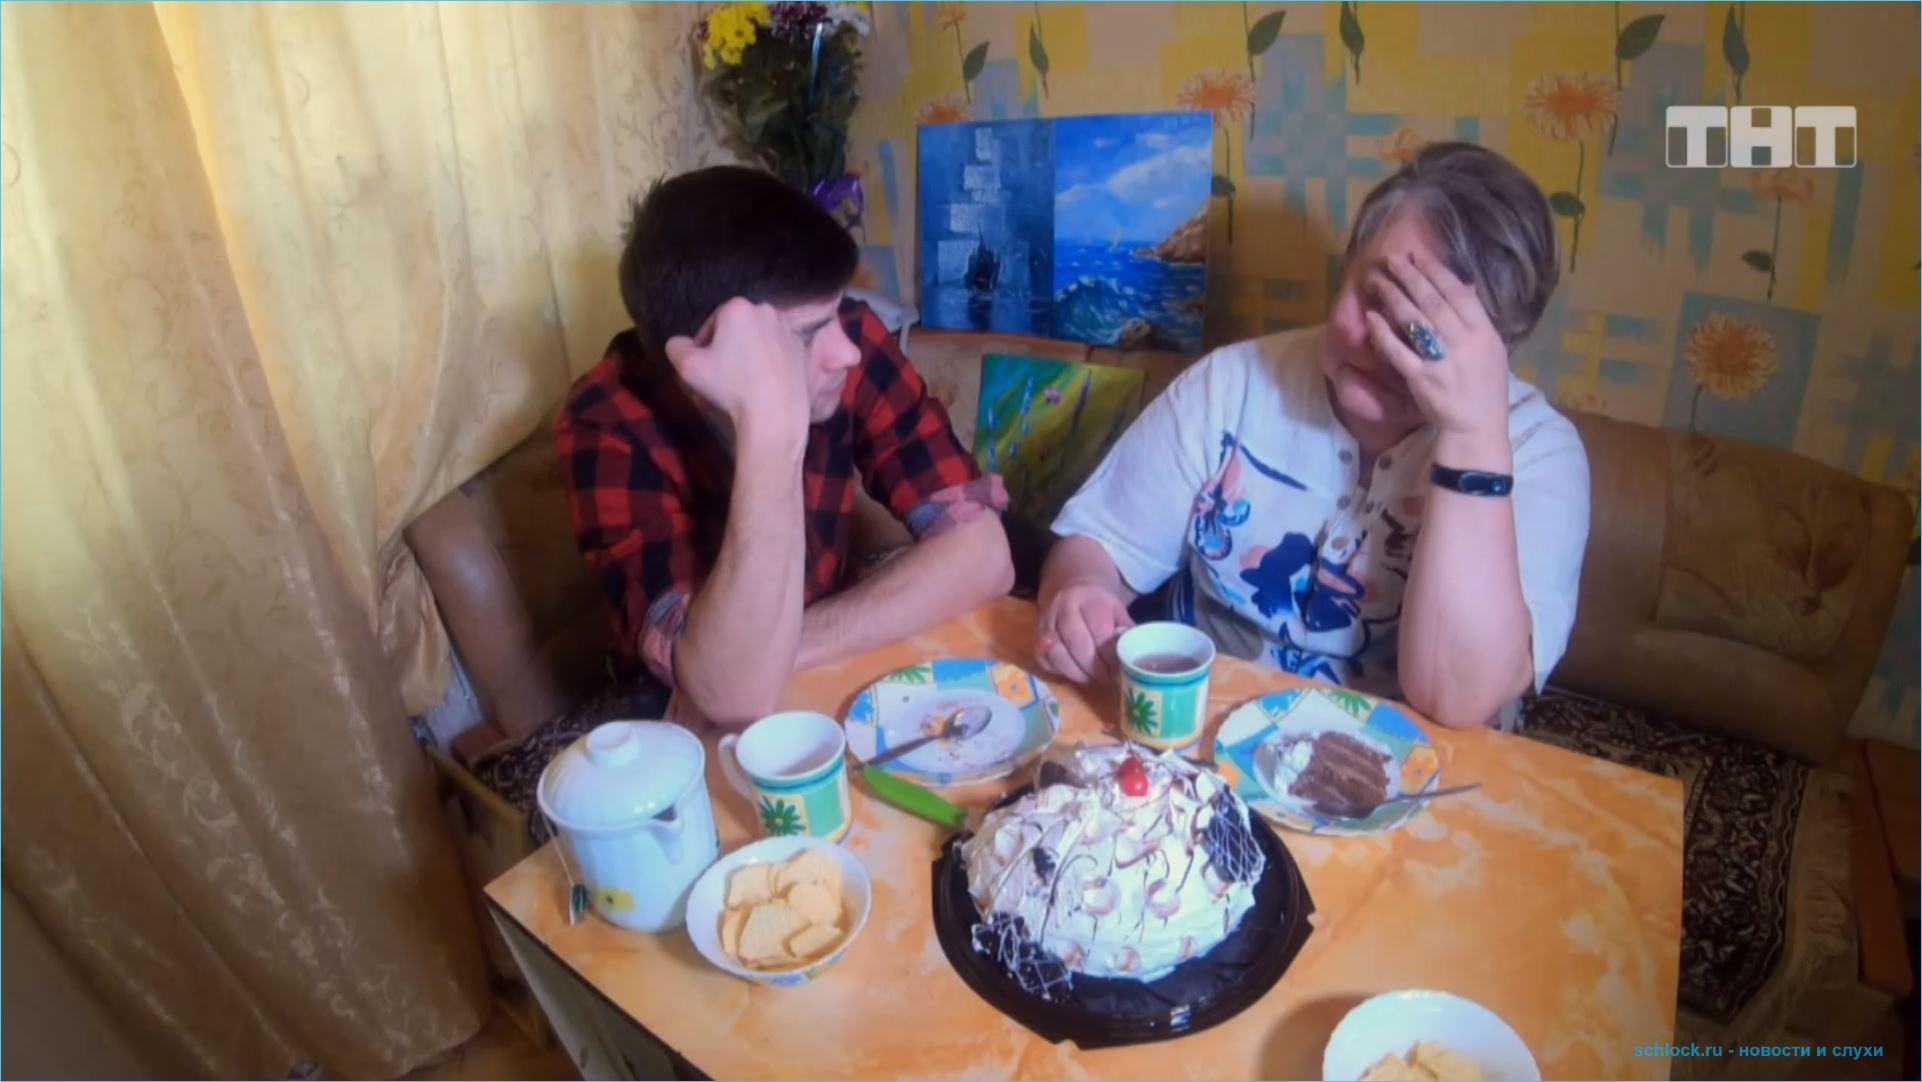 Дмитренко познакомил зрителей со своей мамой